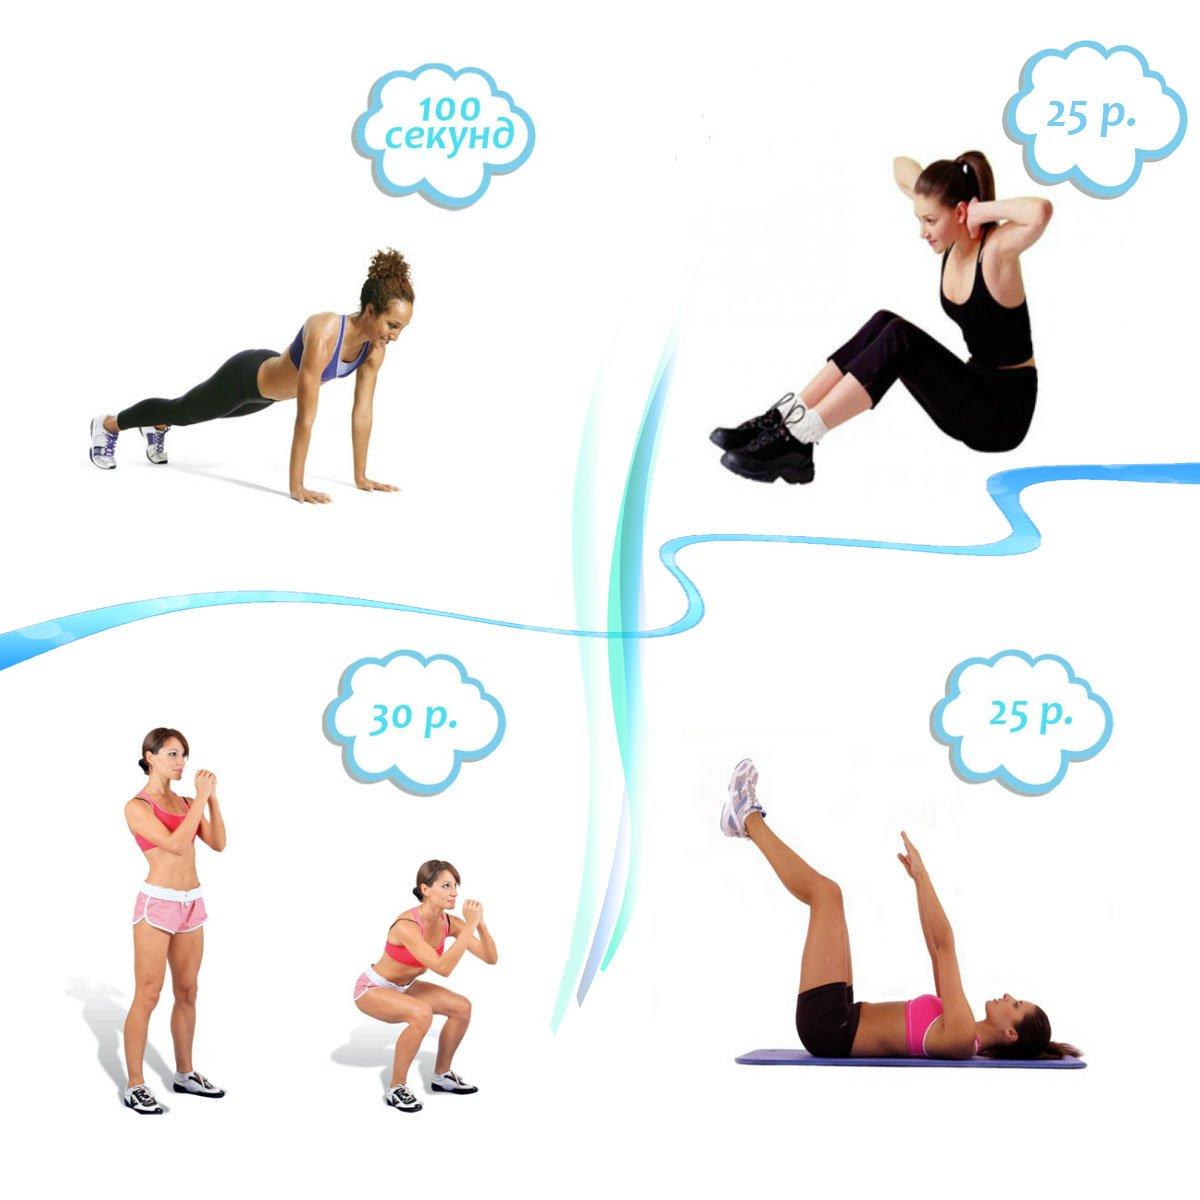 10 Упражнений Чтобы Похудеть. Список лучших упражнений для похудения в домашних условиях для женщин